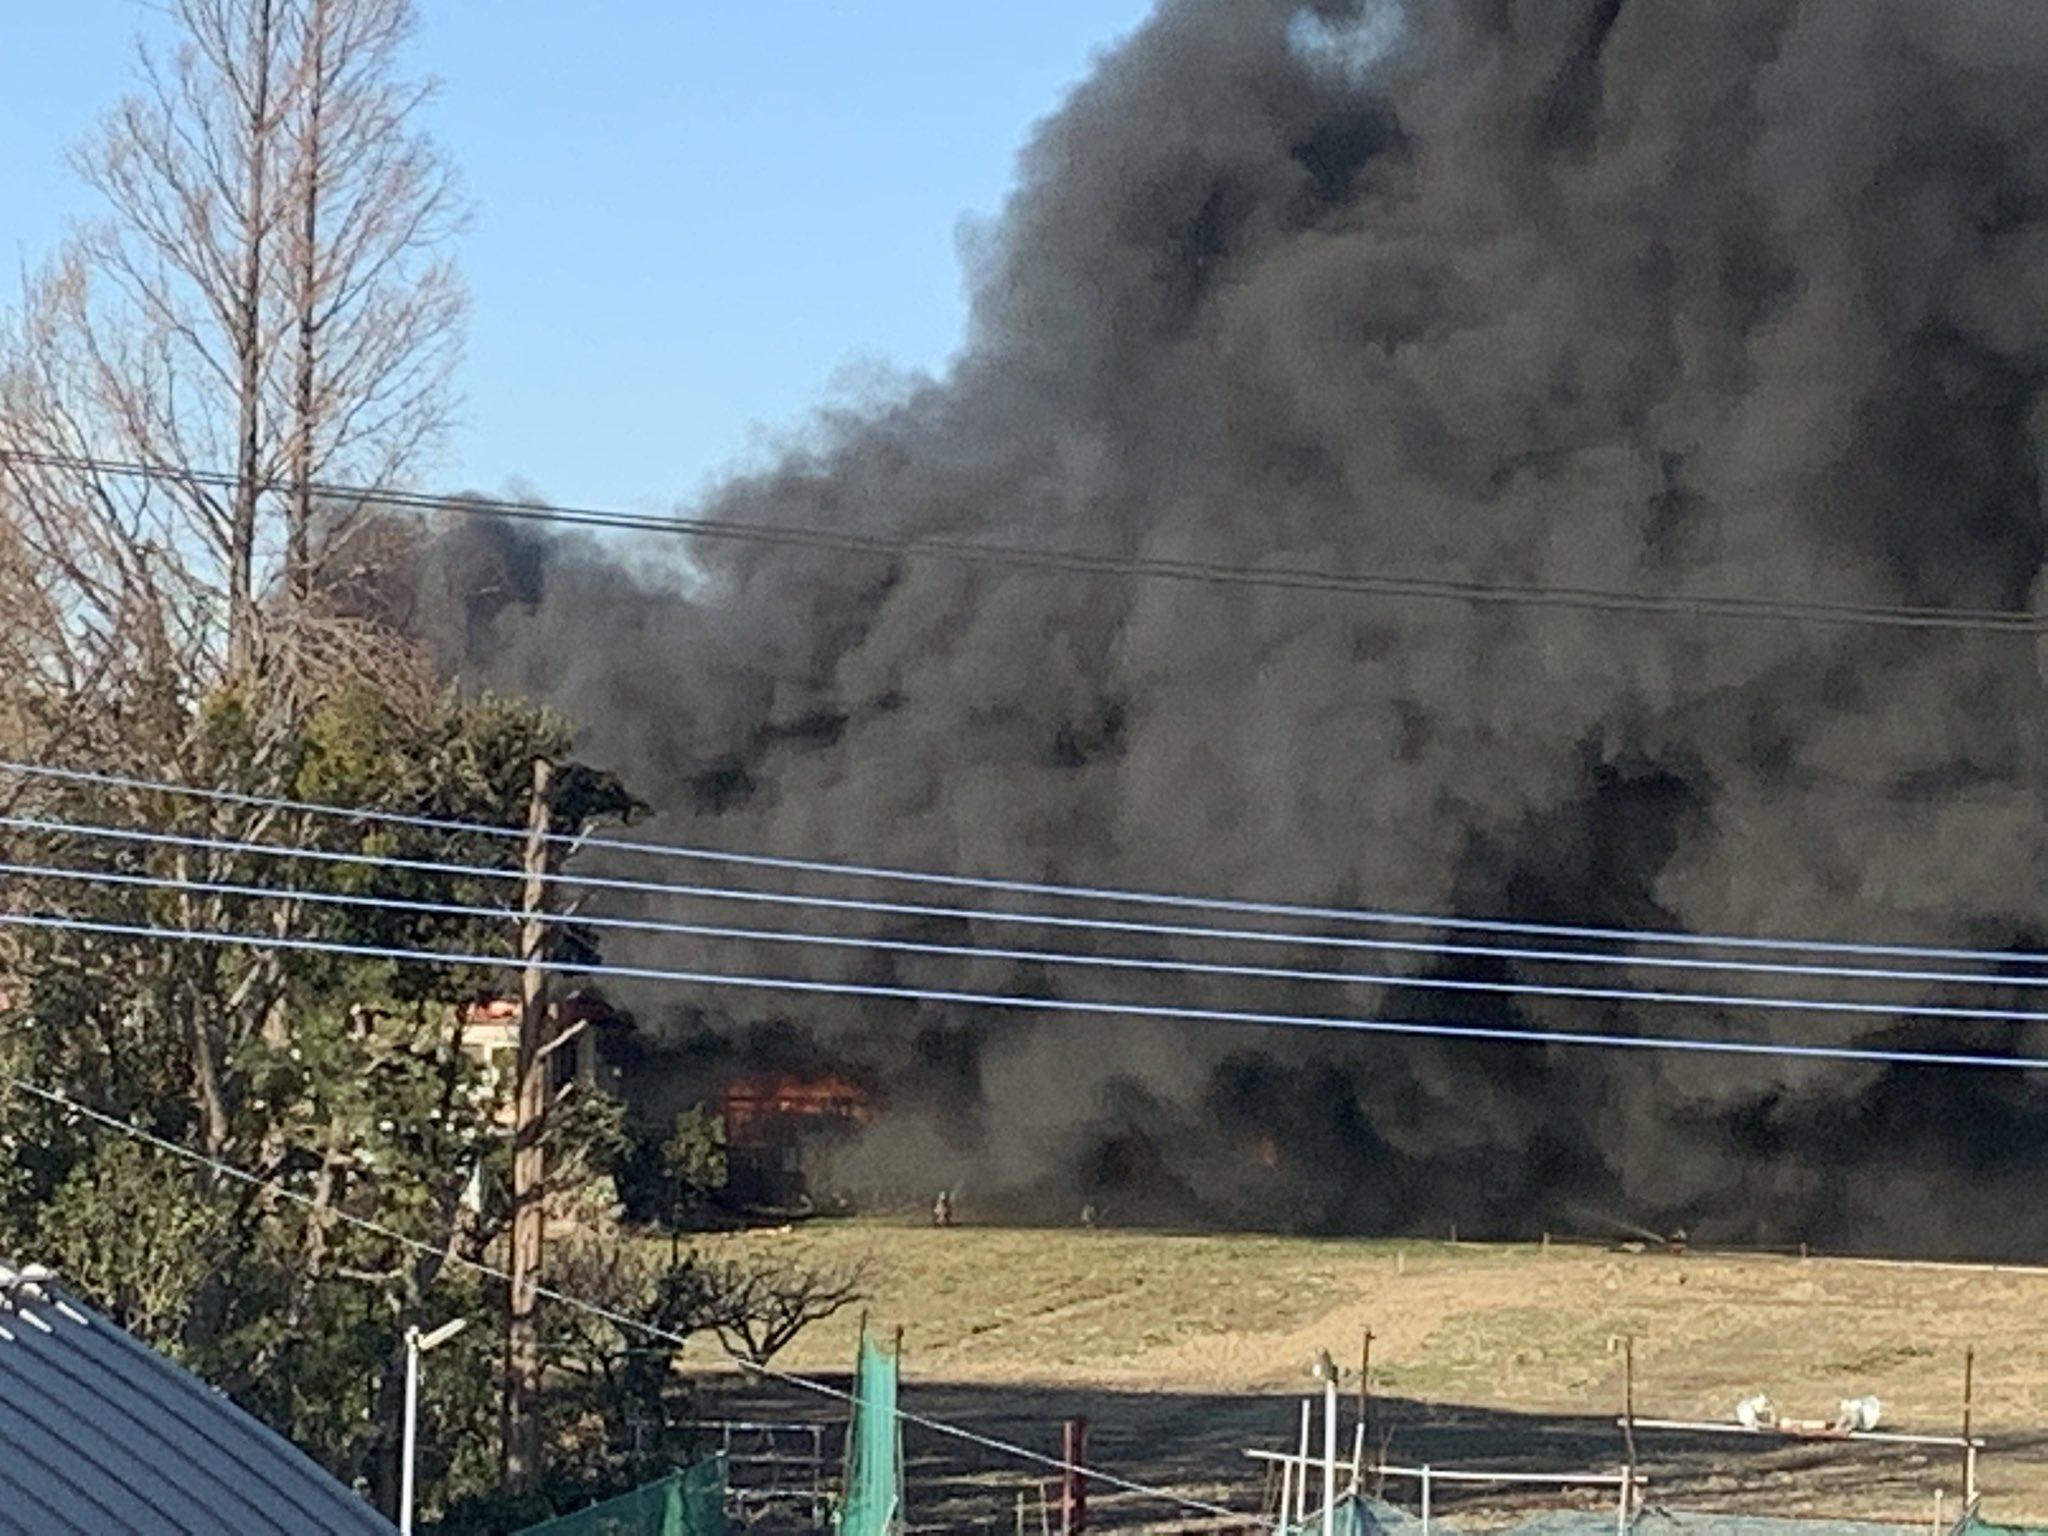 埼玉県三郷市の火事で煙が充満している画像